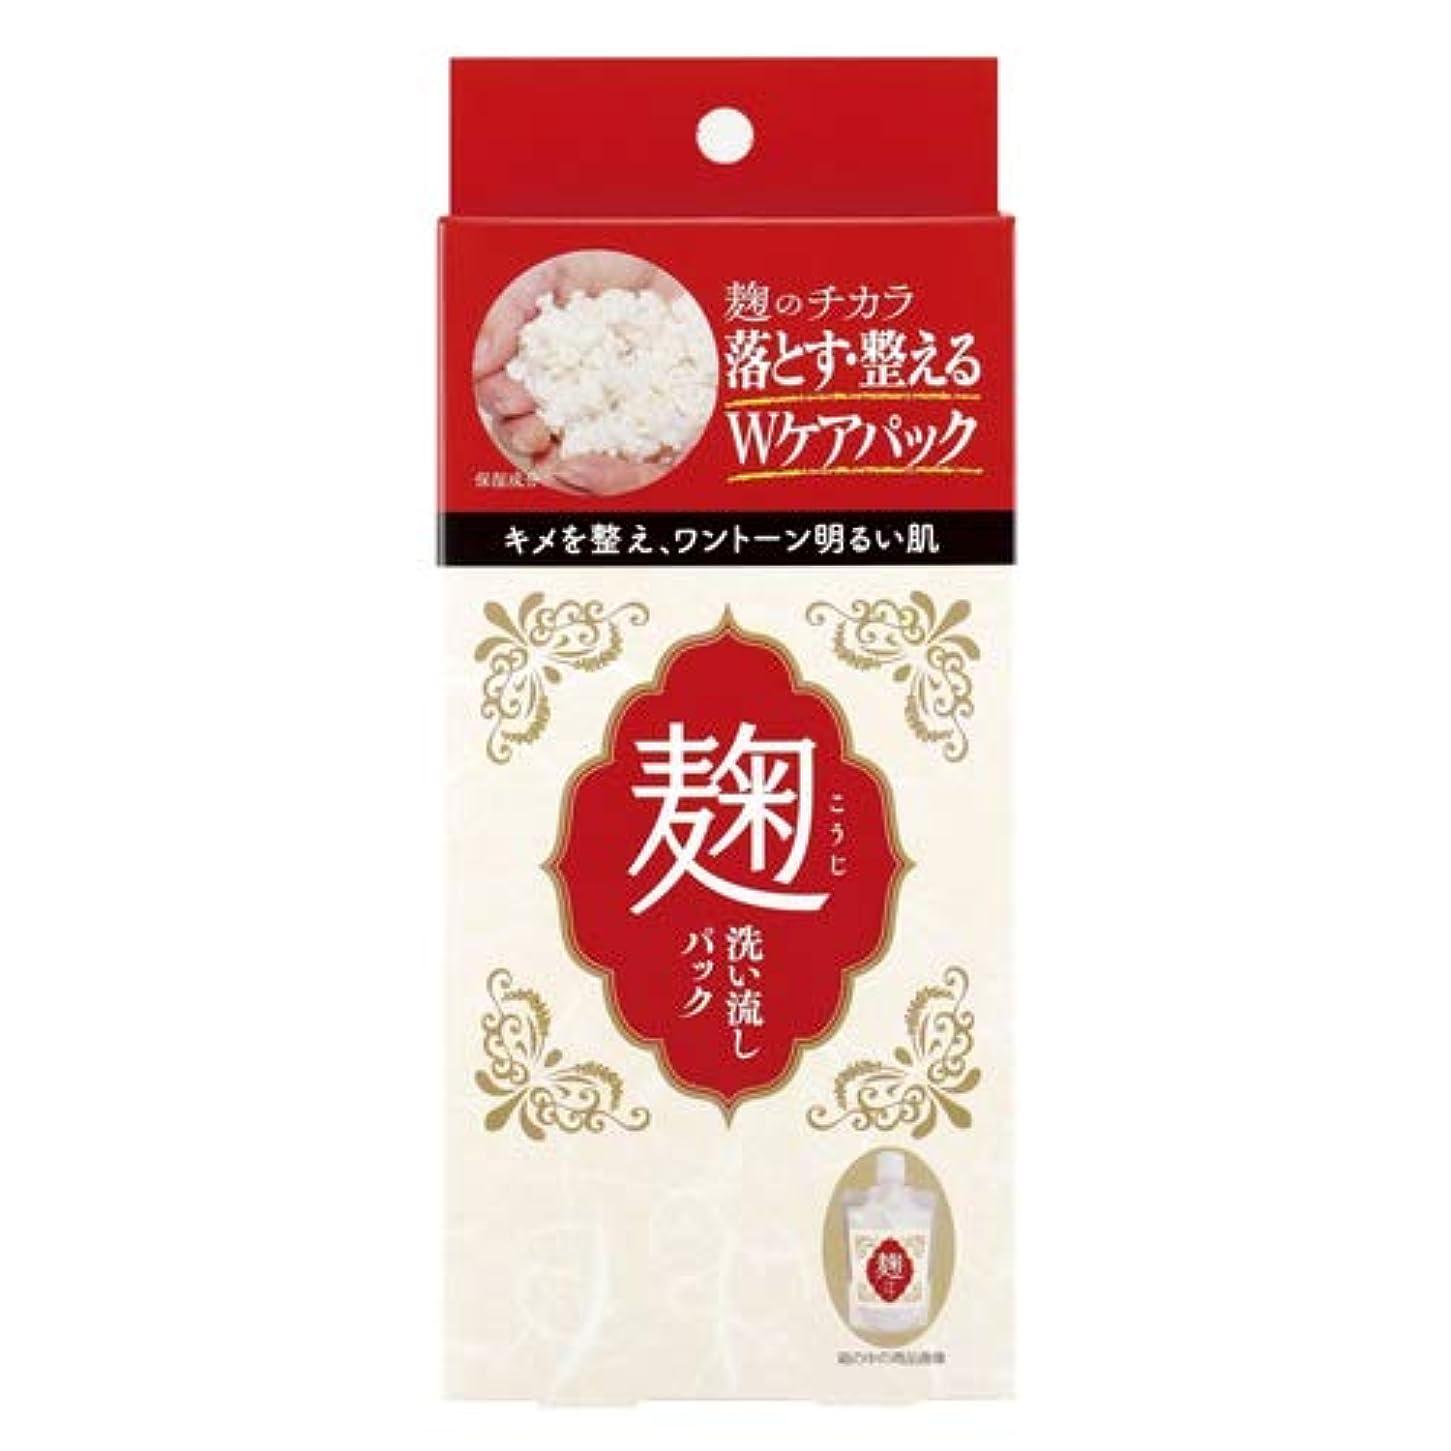 壮大な雑多な有料ユゼ 麹配合美肌パック 130g